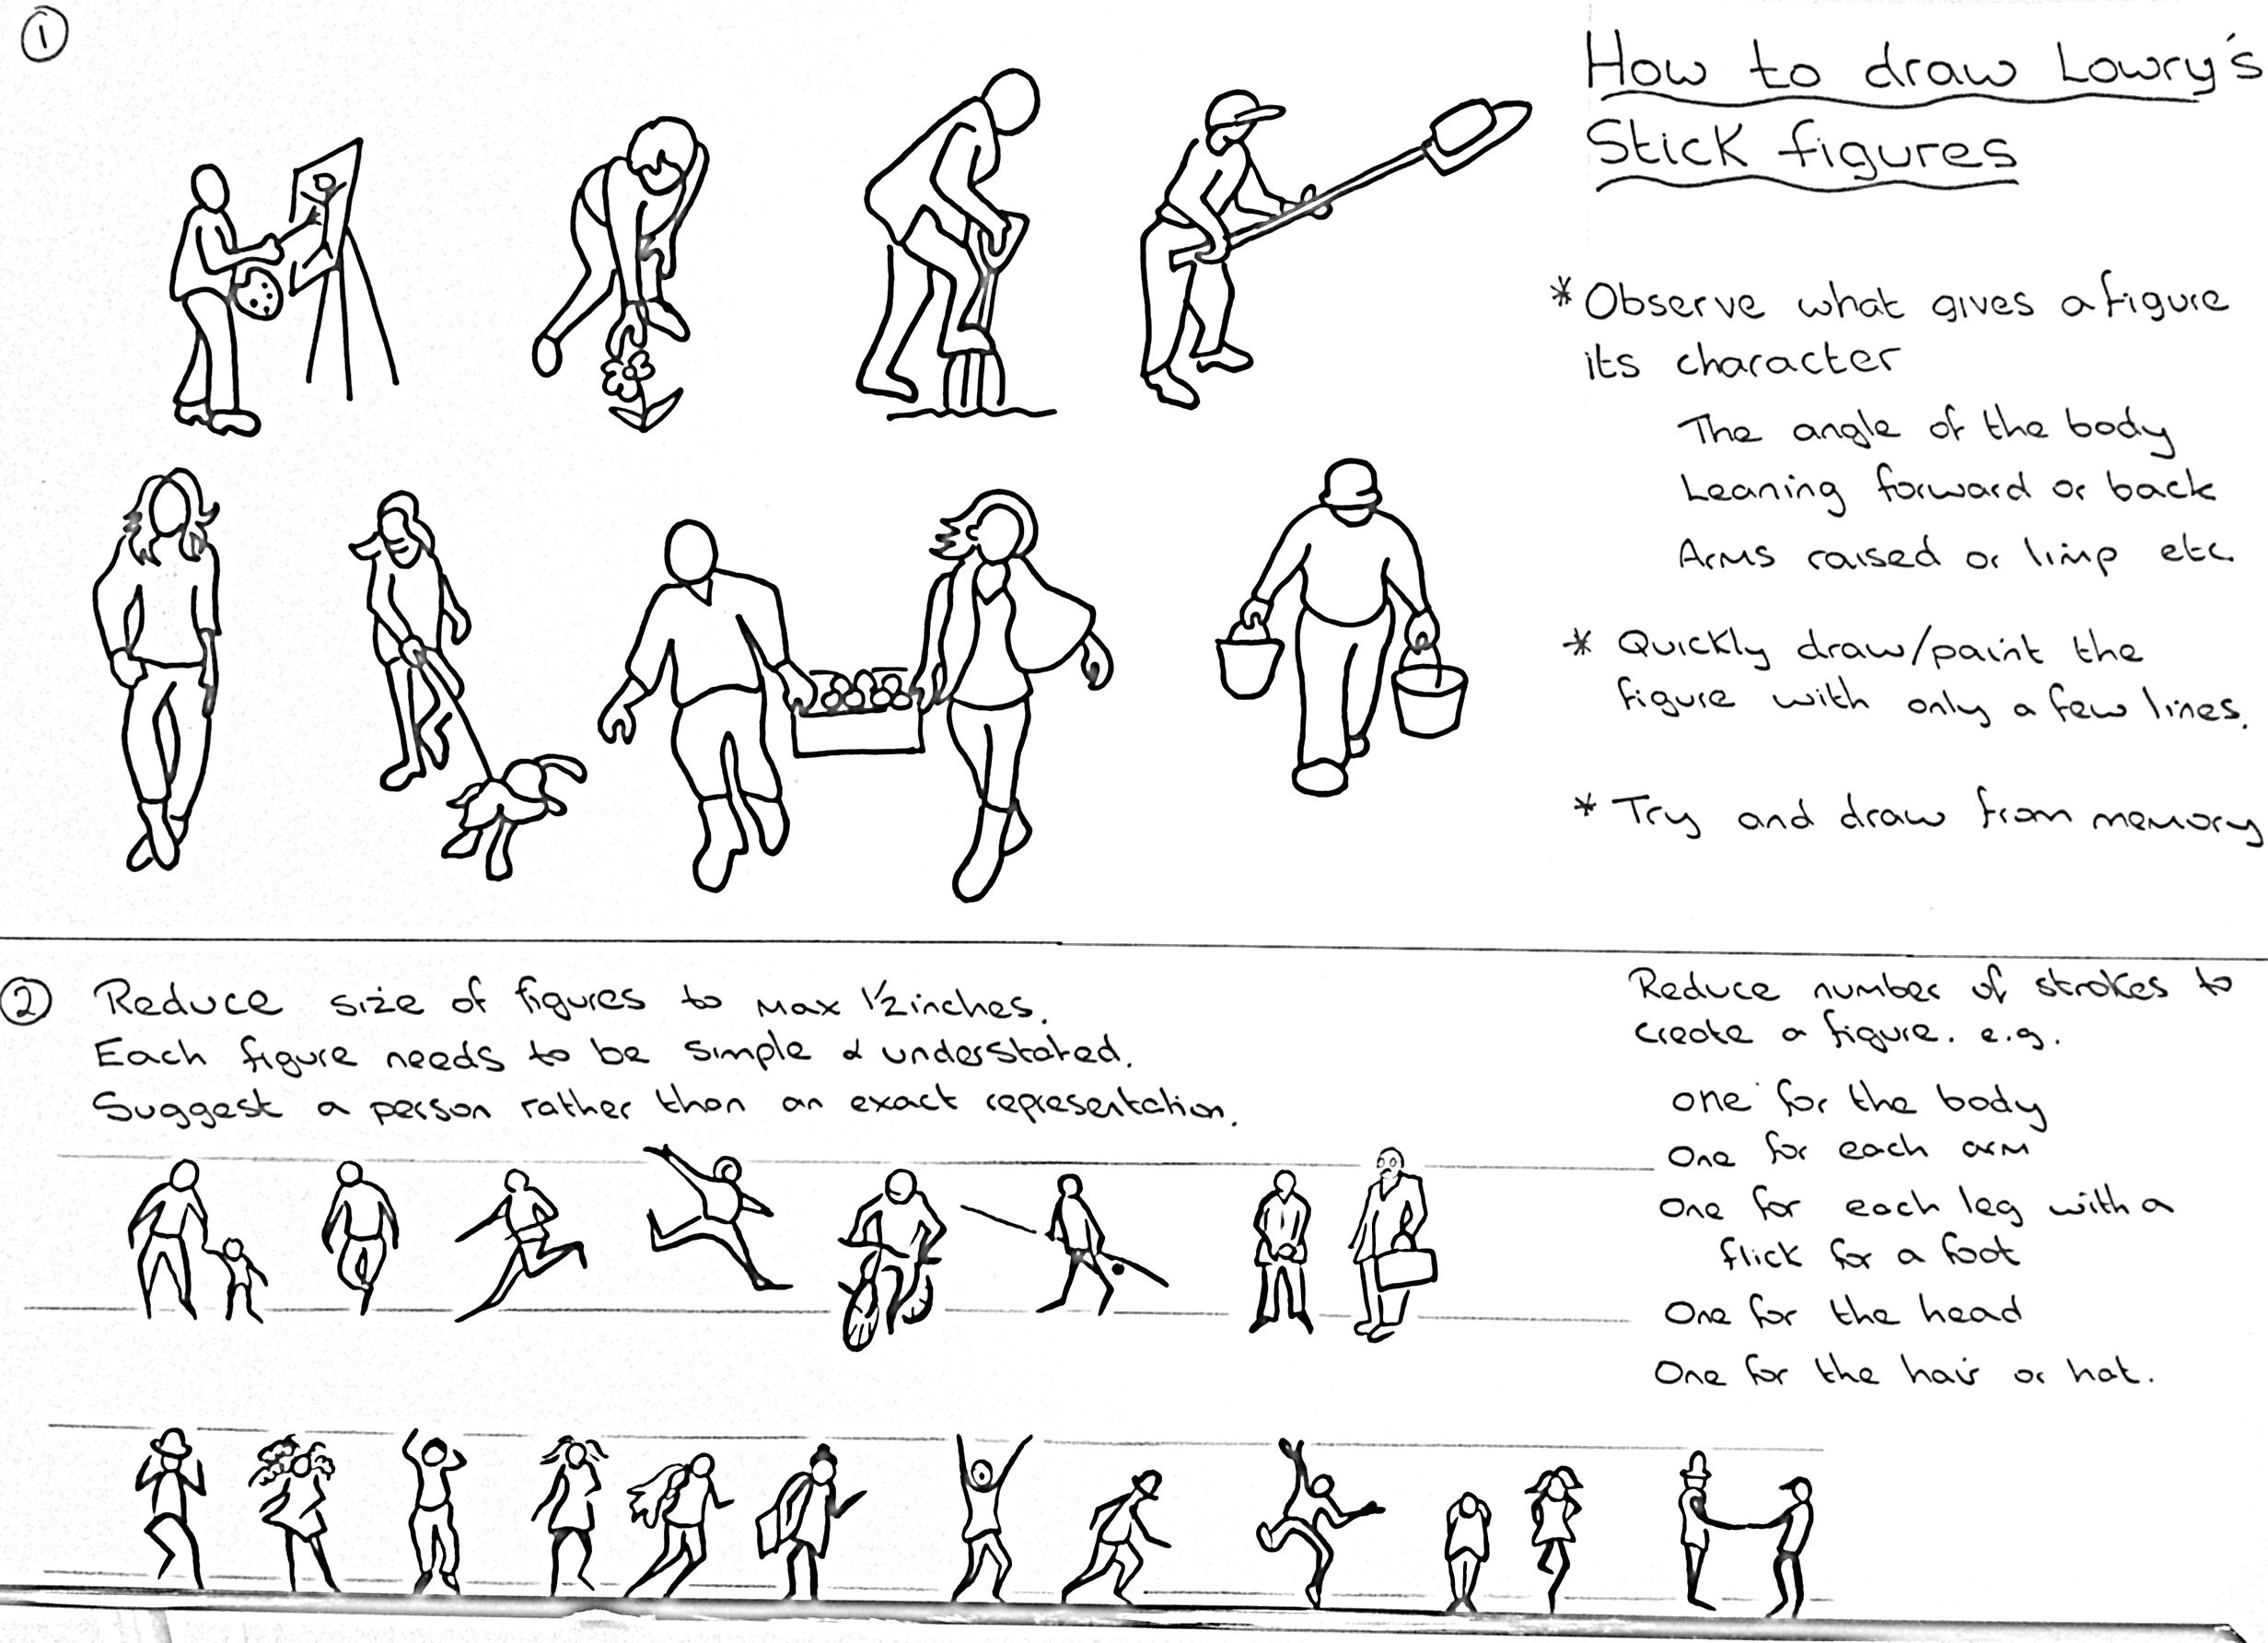 How To Draw Lowry Stick Figures